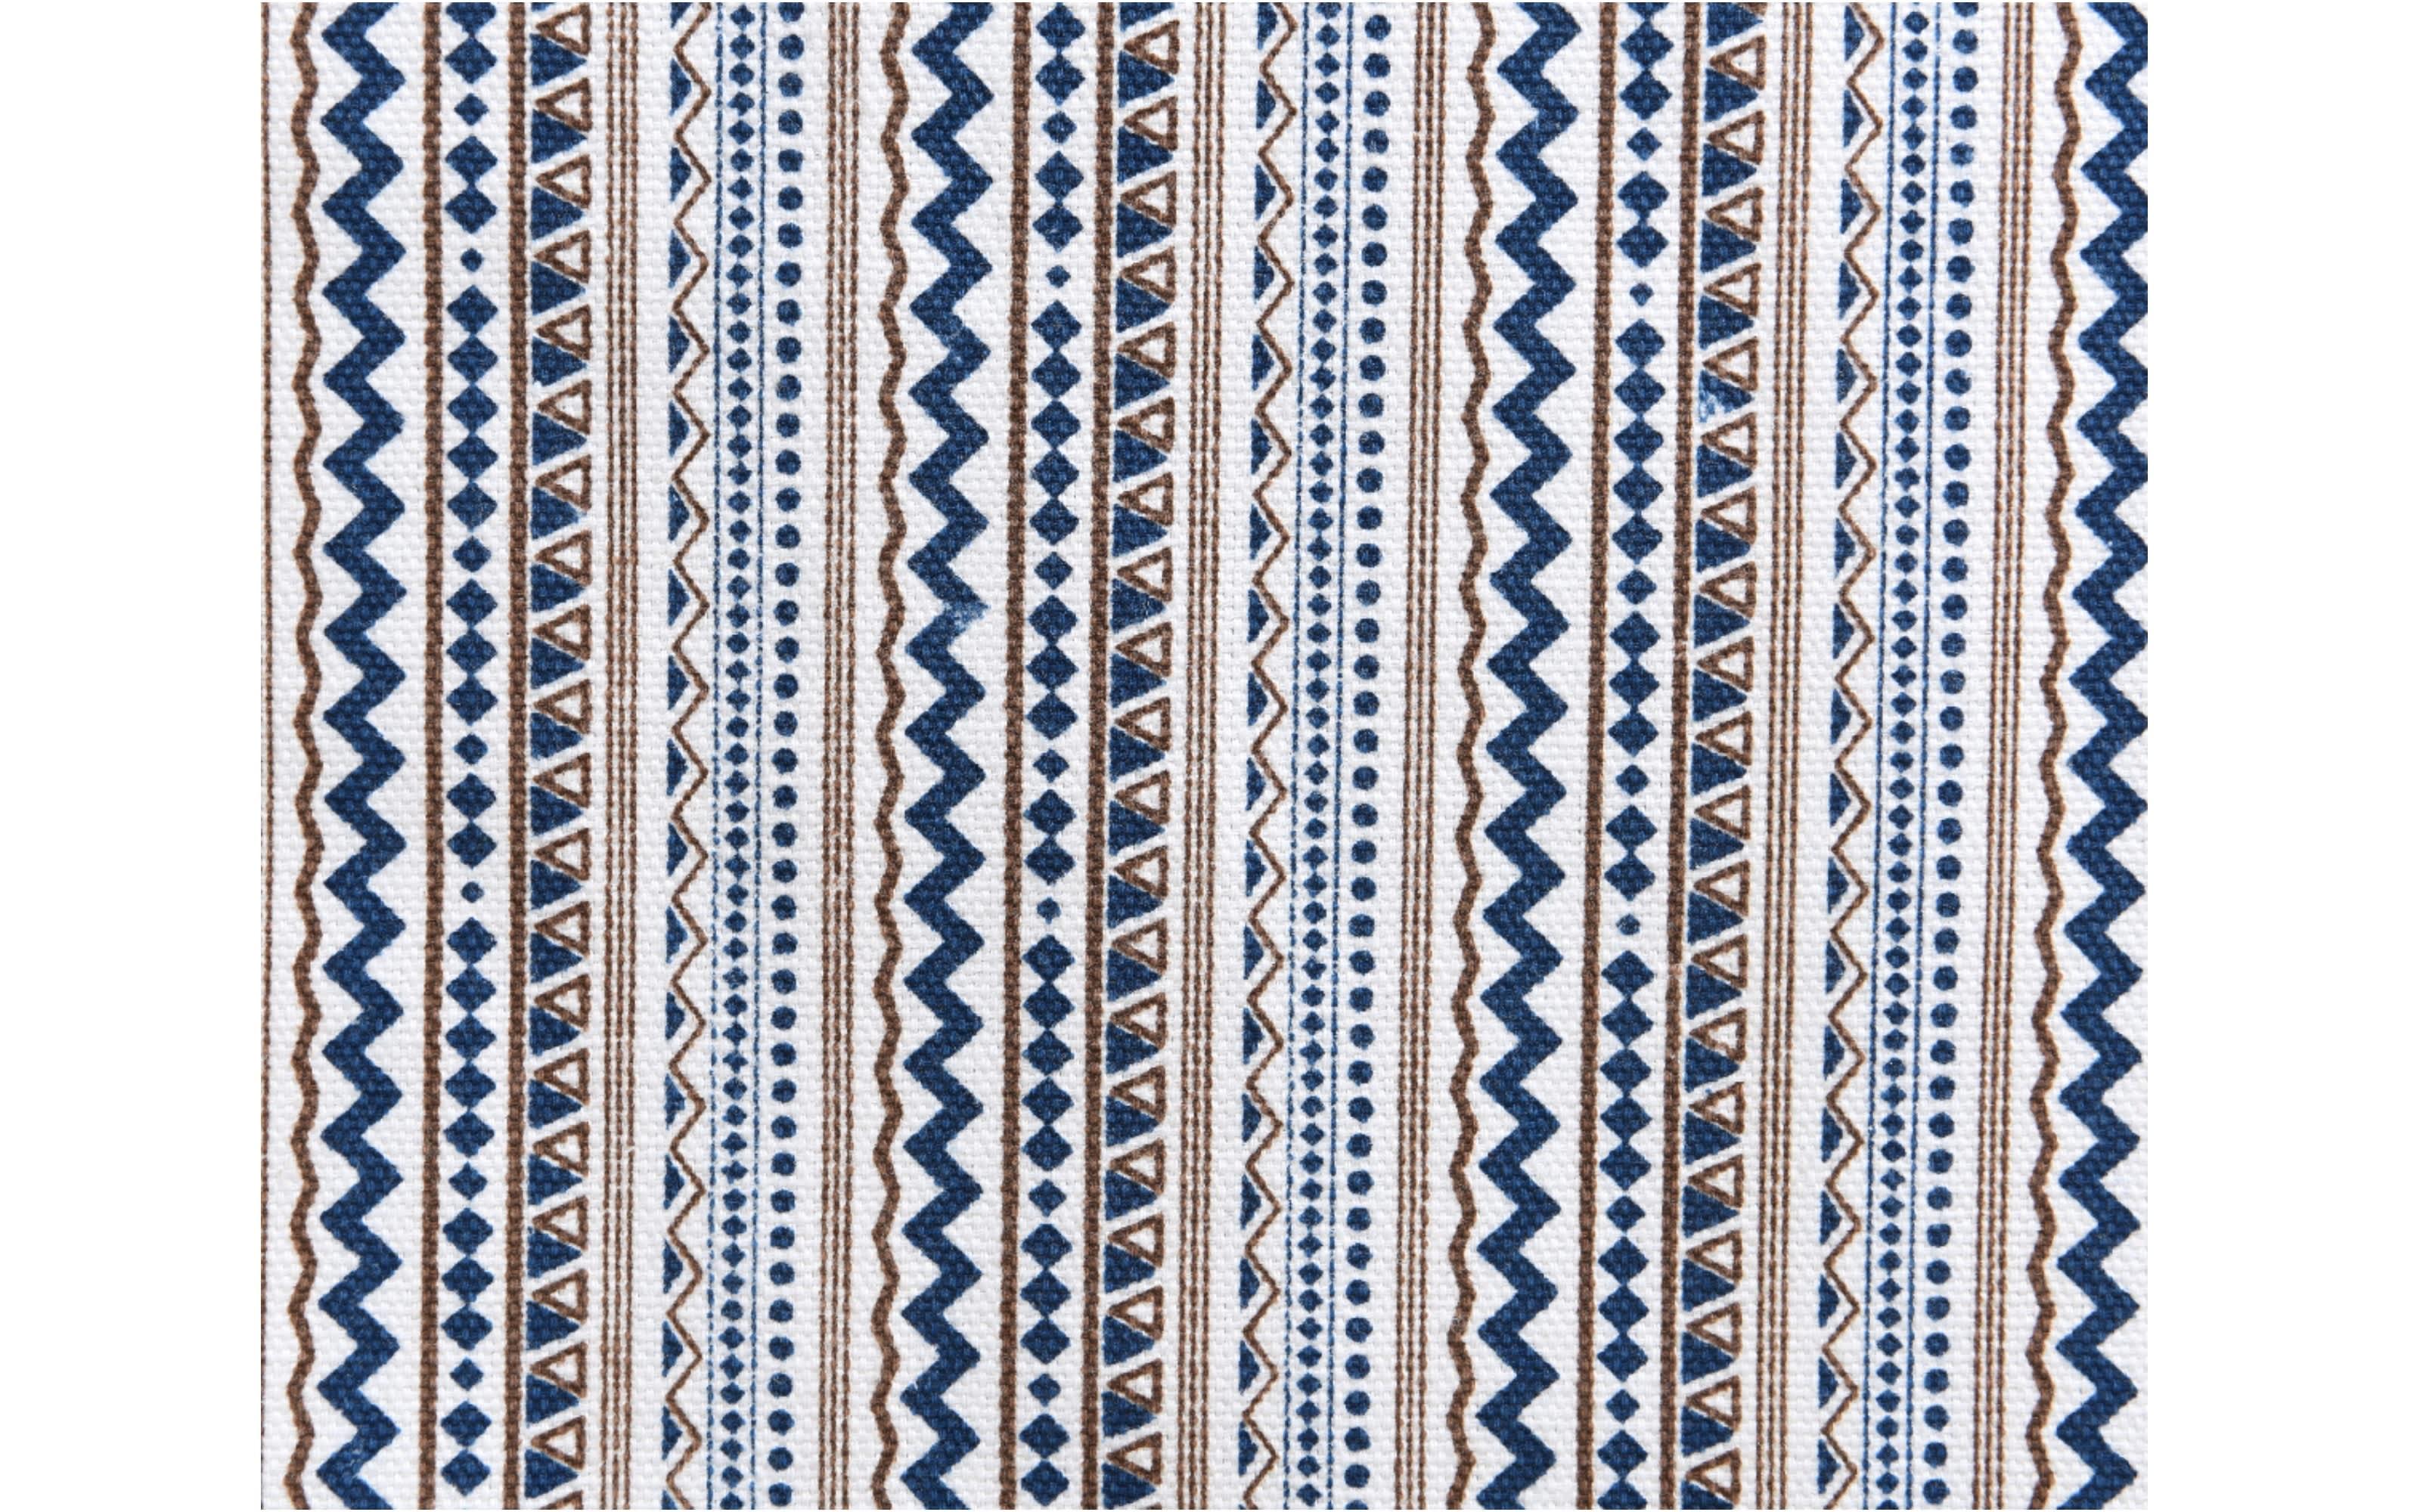 Hängematte in blau, 150 x 200 cm